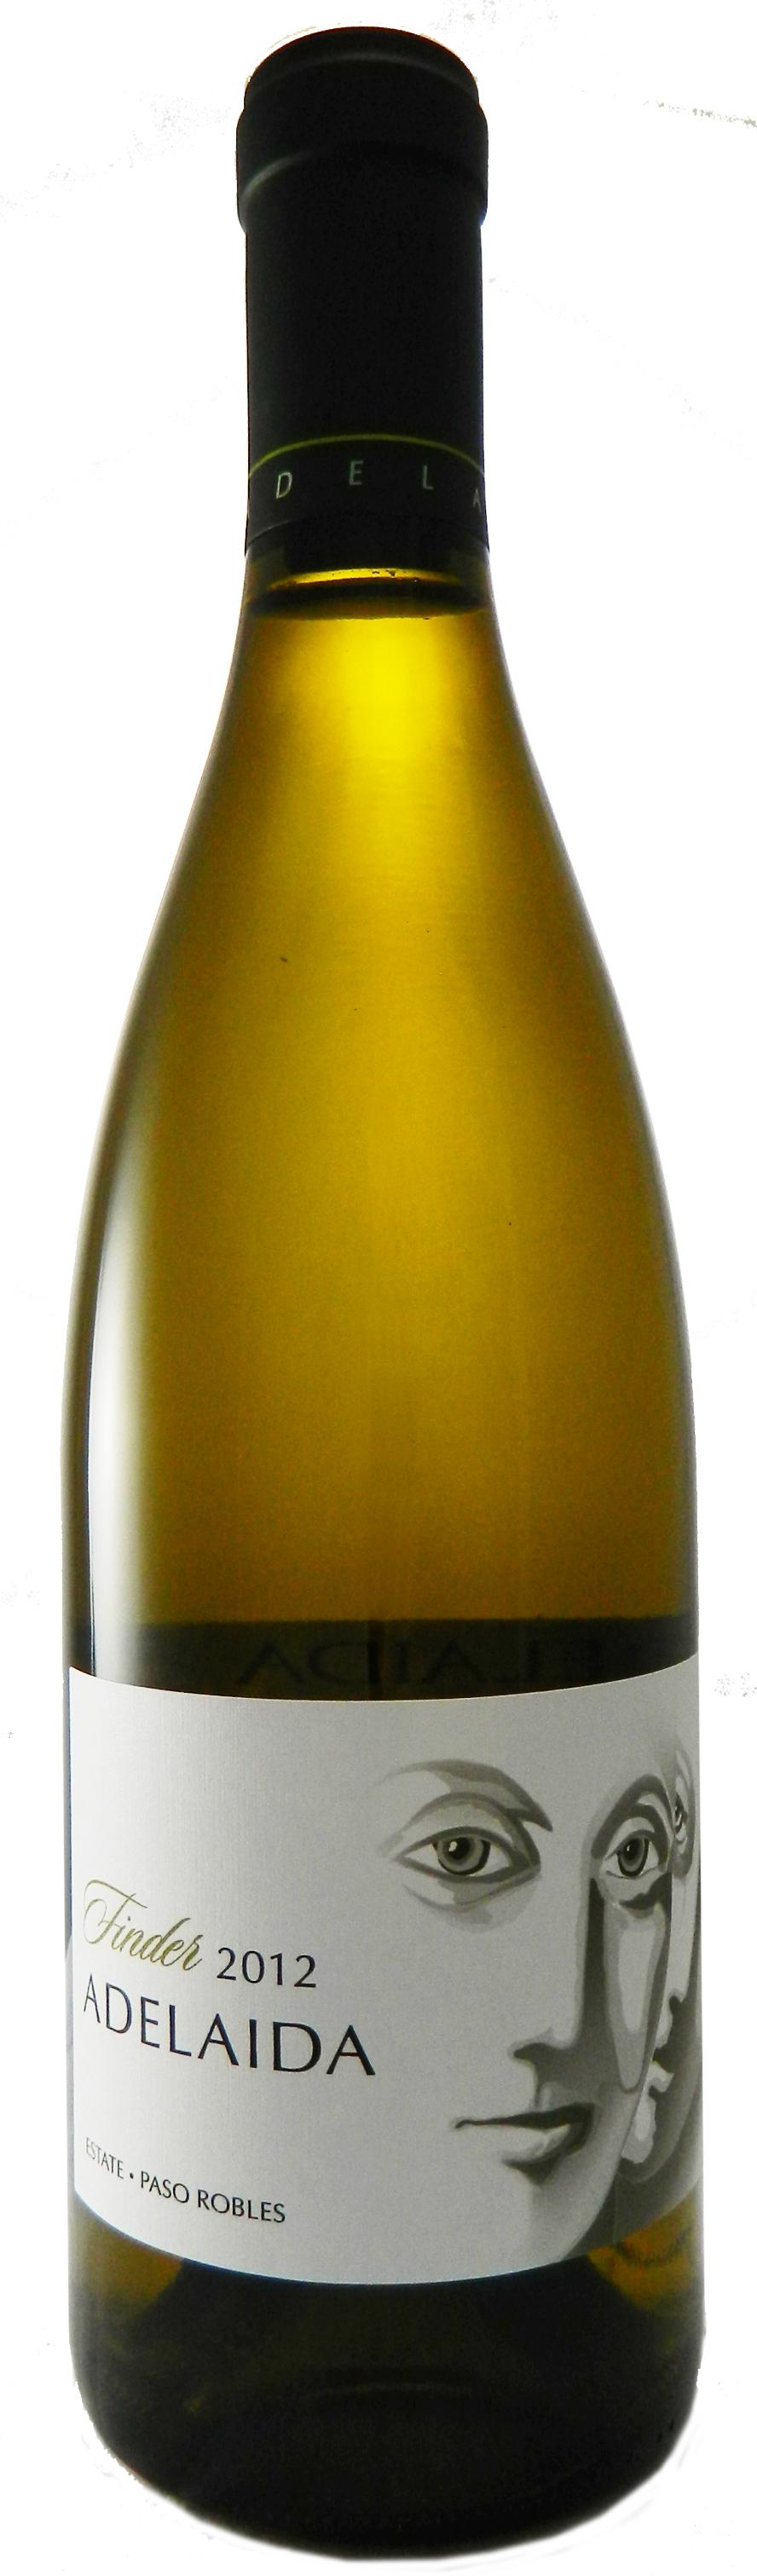 Adelaida Vineyards & Winery Trade POS Materials